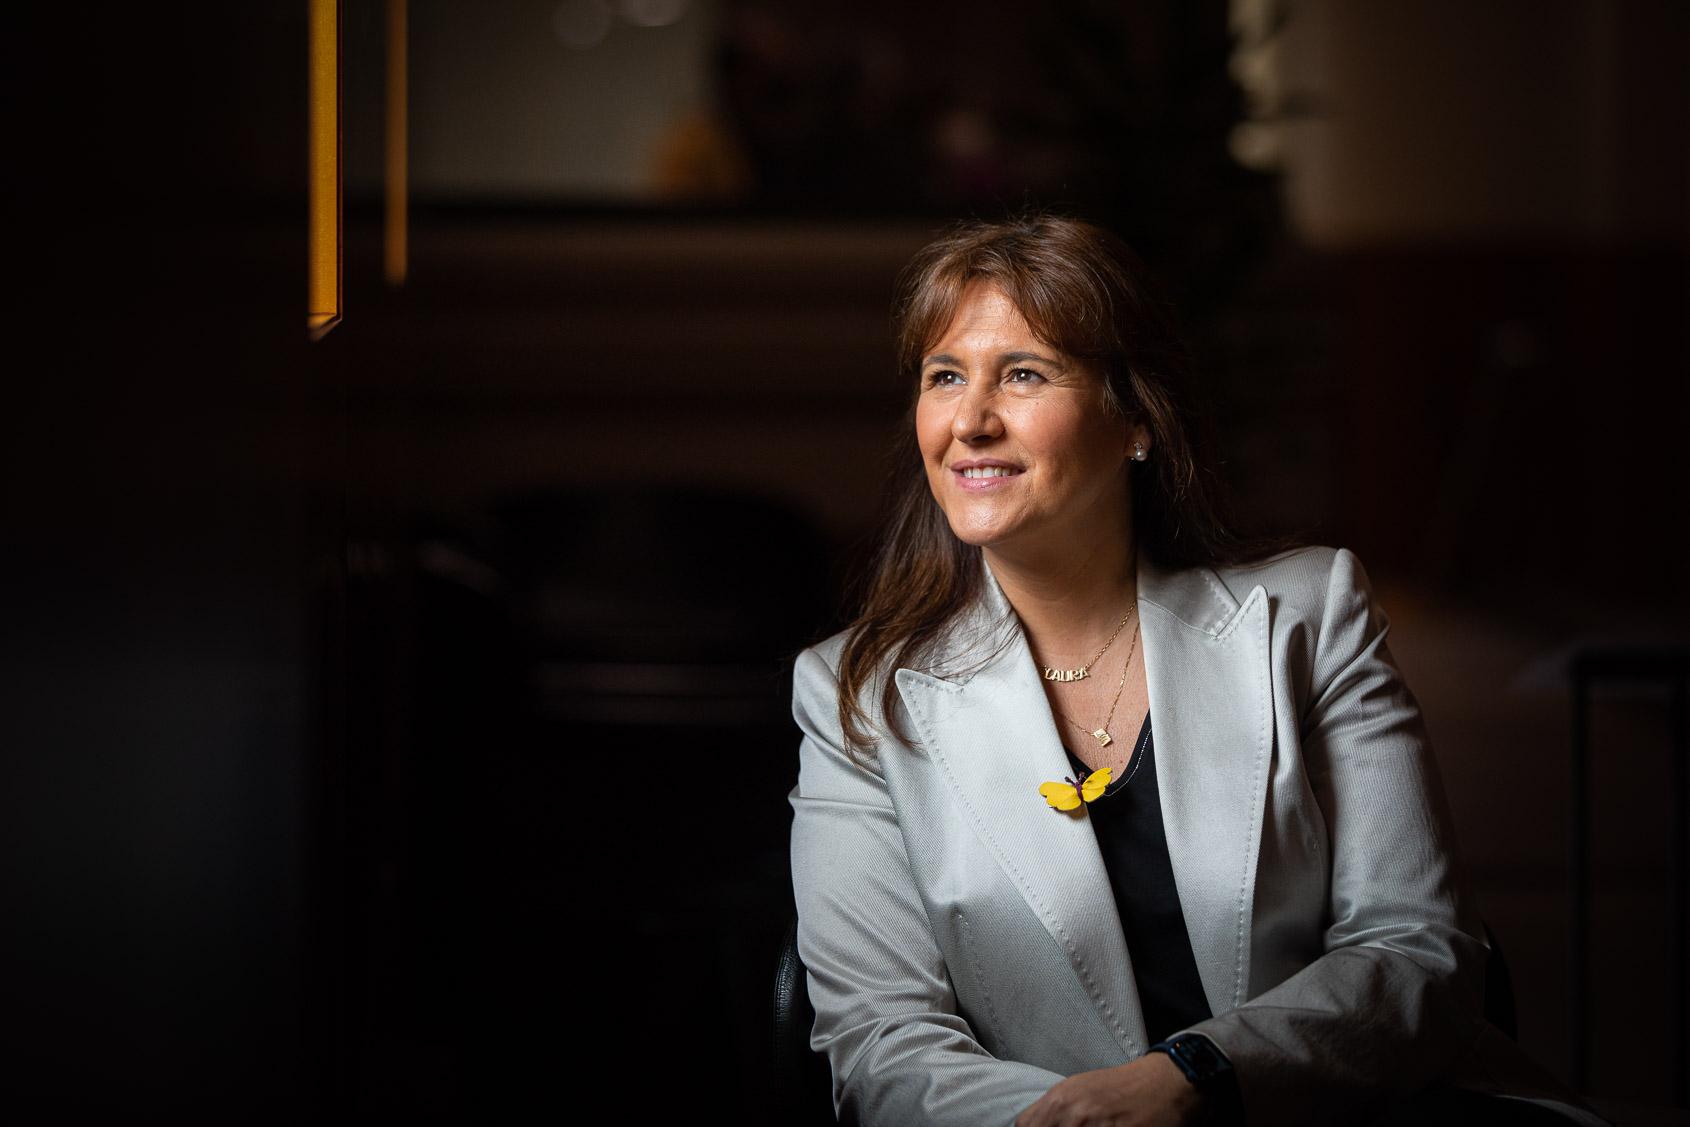 Laura Borràs, candidata a la presidència de la Generalitat per JxCat, durant l'entrevista amb El Món / Jordi Borràs